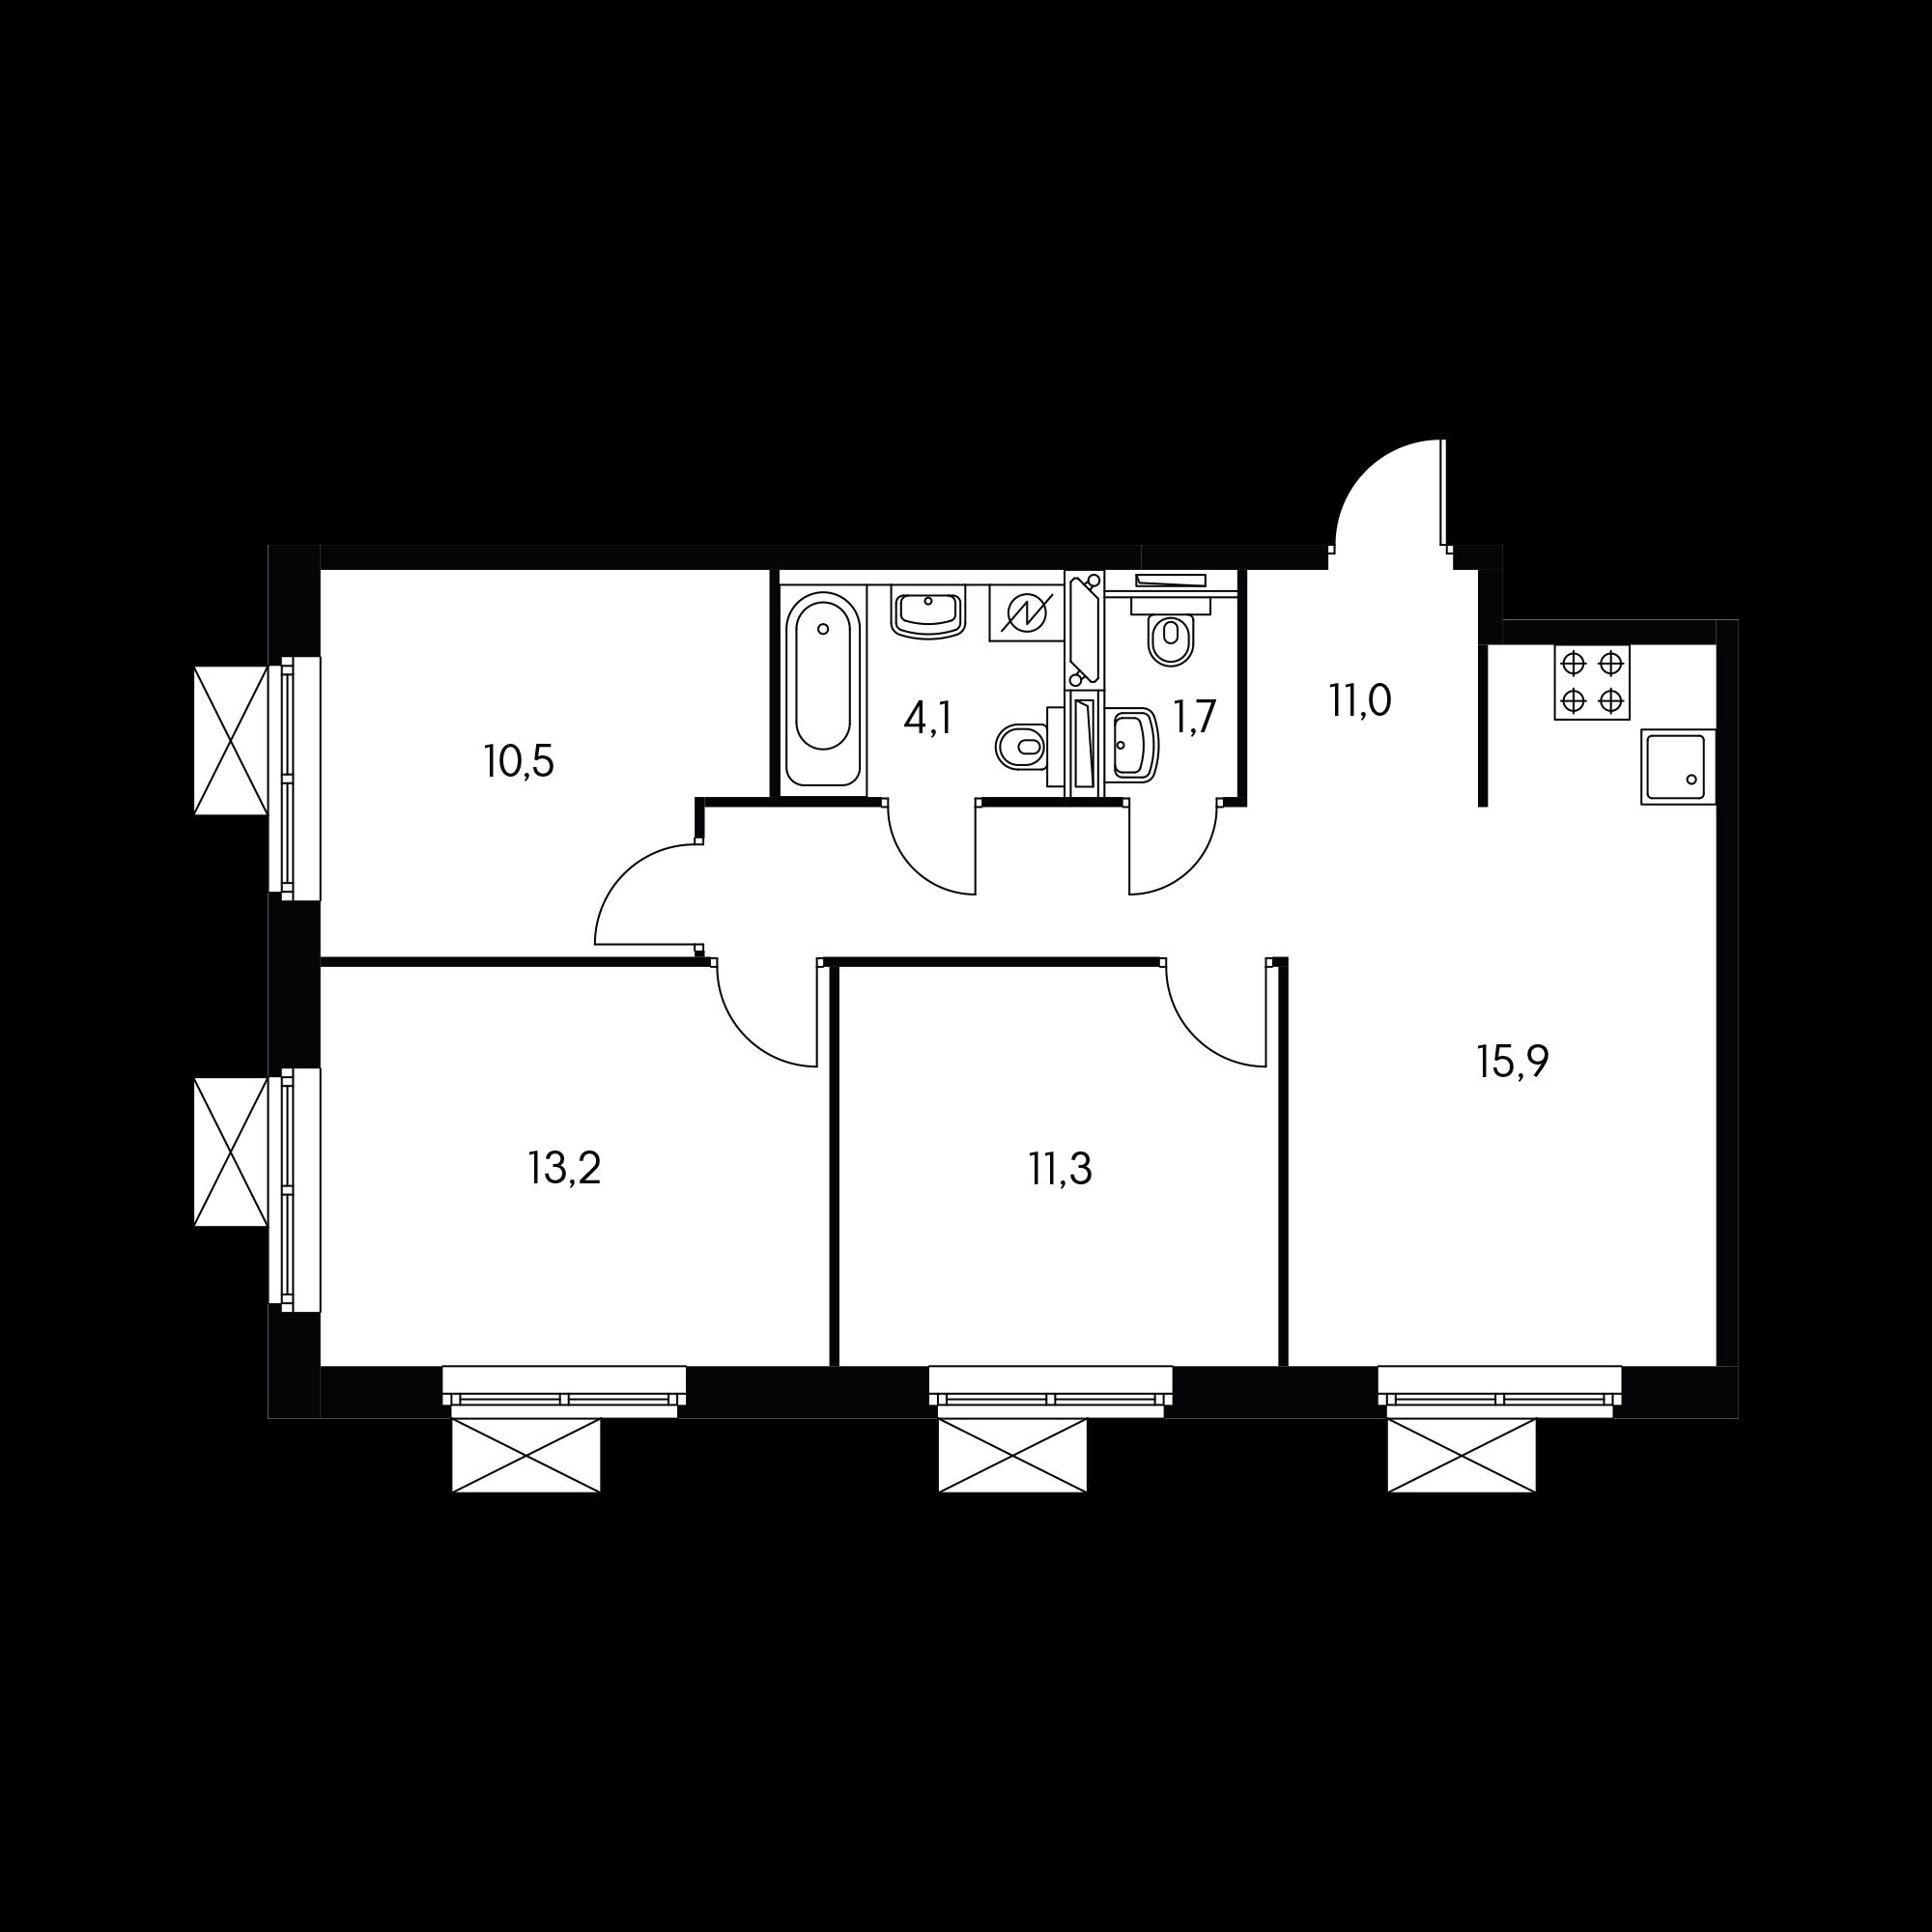 3ES13_6.6-1_A